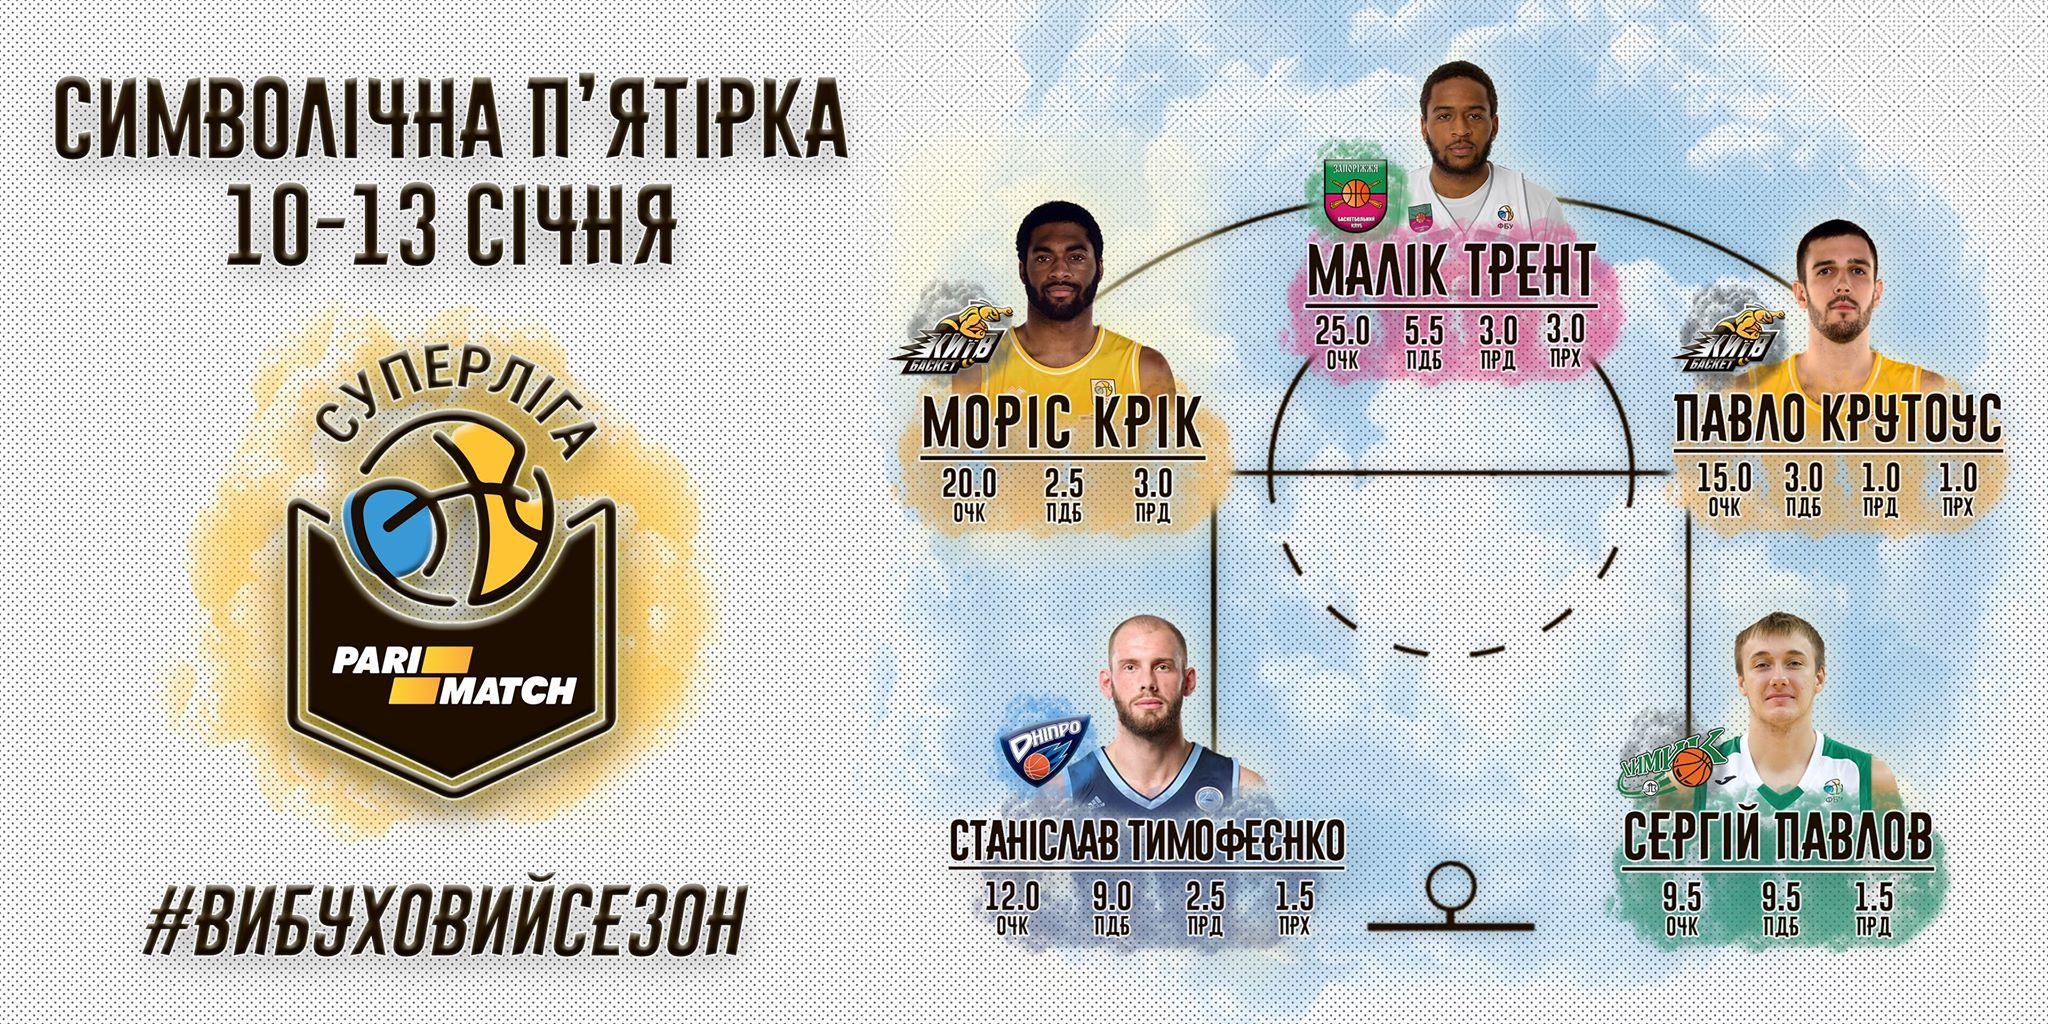 Українська ланка високих і легіонерський бек-корт, така п'ятірка найкращих першого ігрового тижня 2019 року